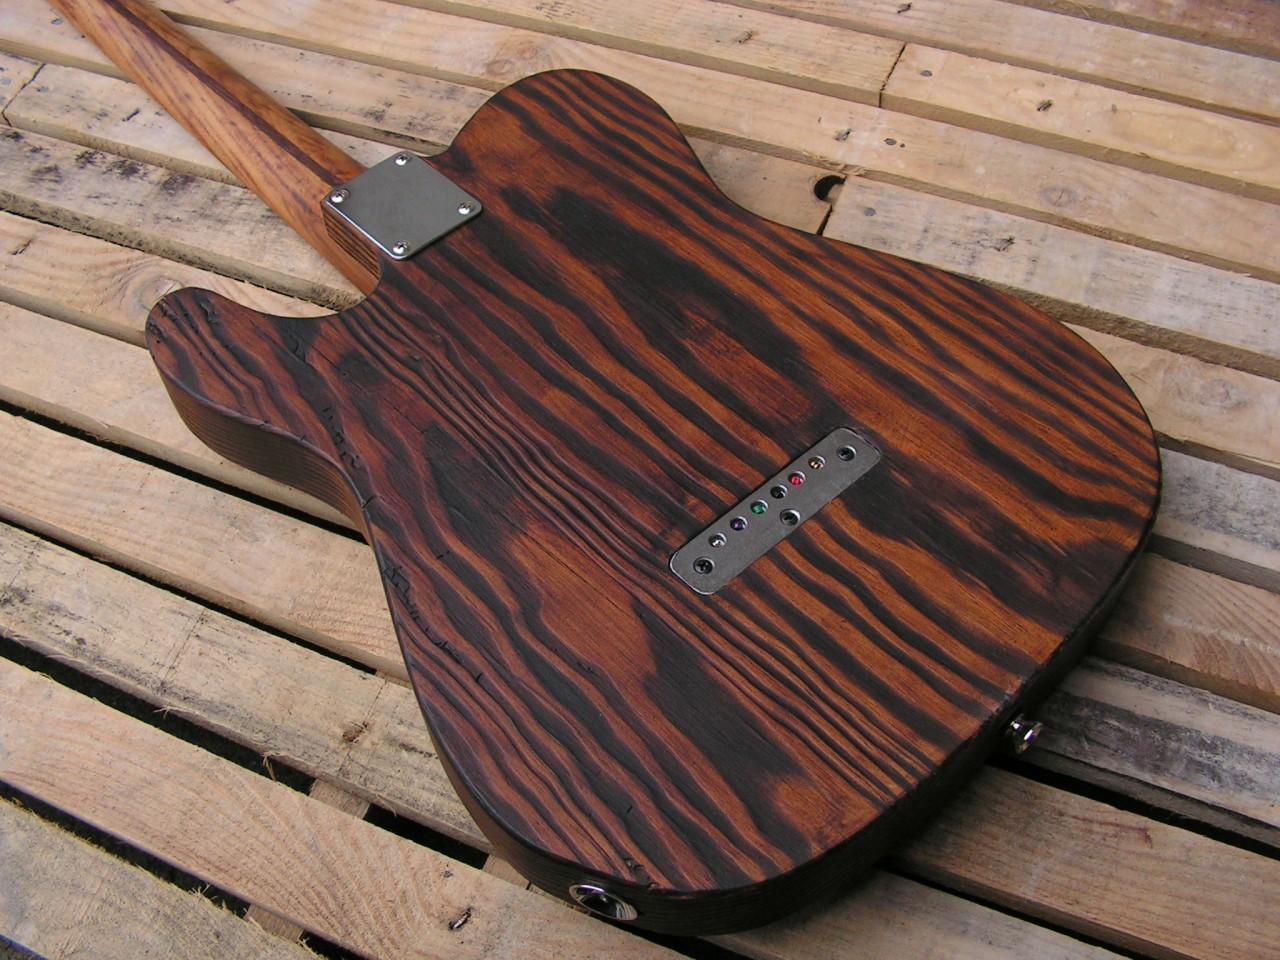 Retro del body di una chitarra Telecaster in pino roasted